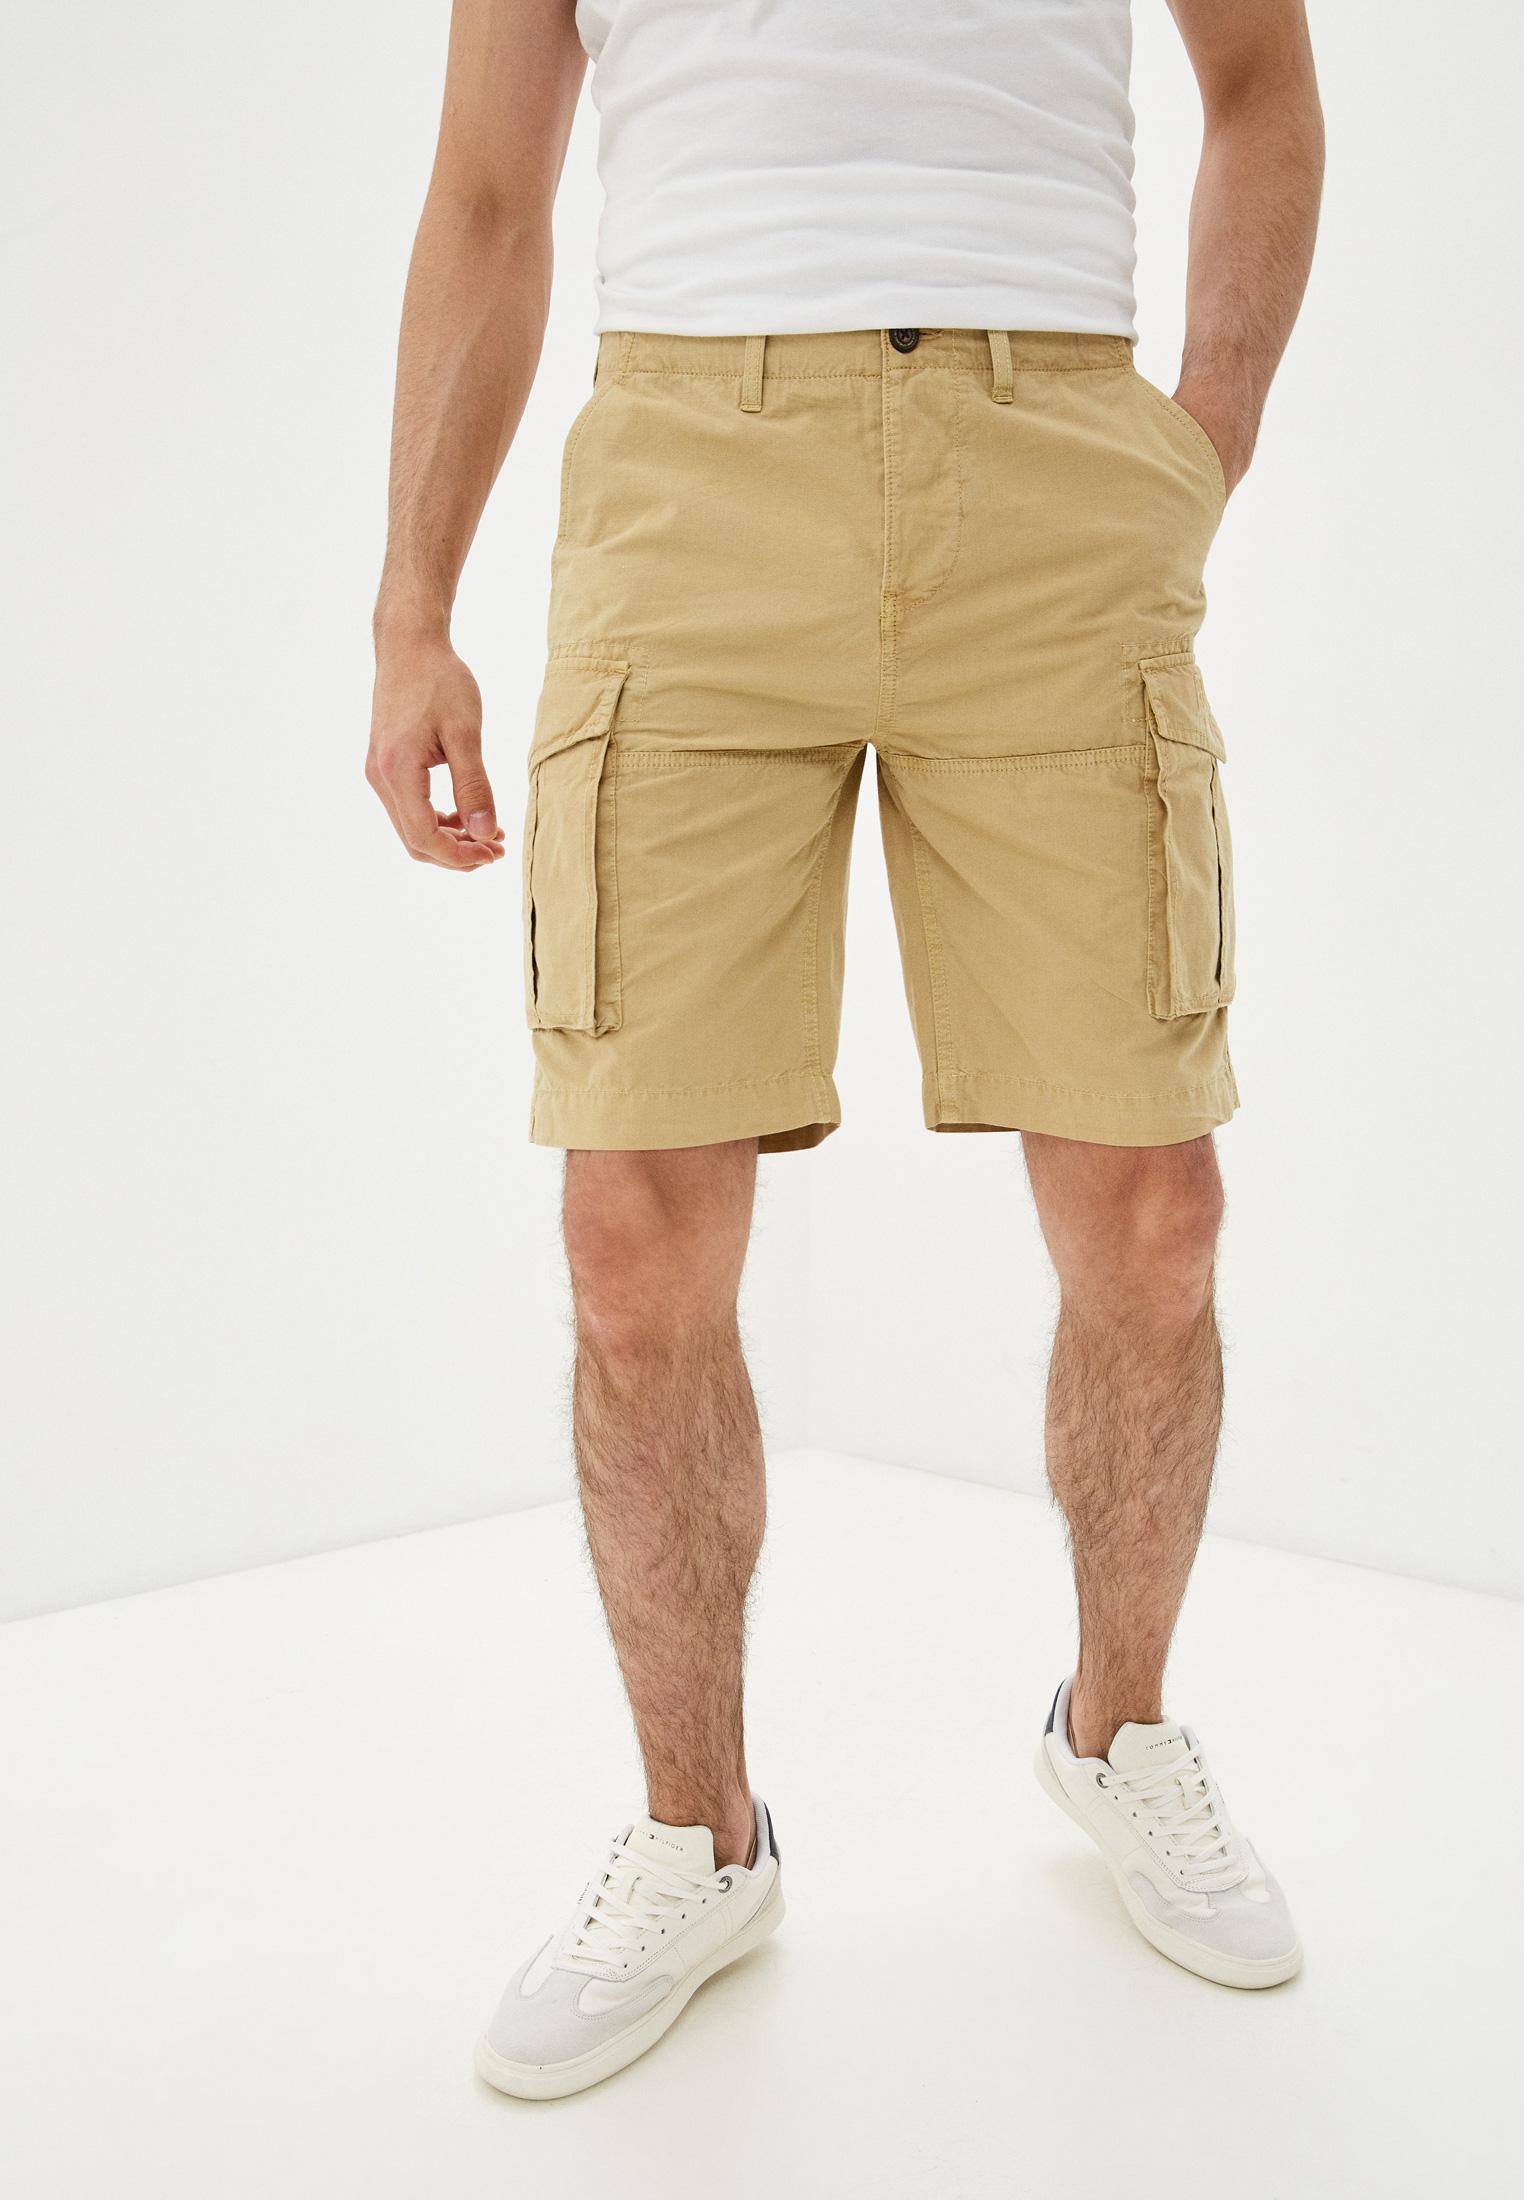 Мужские повседневные шорты Pepe Jeans (Пепе Джинс) Шорты Pepe Jeans